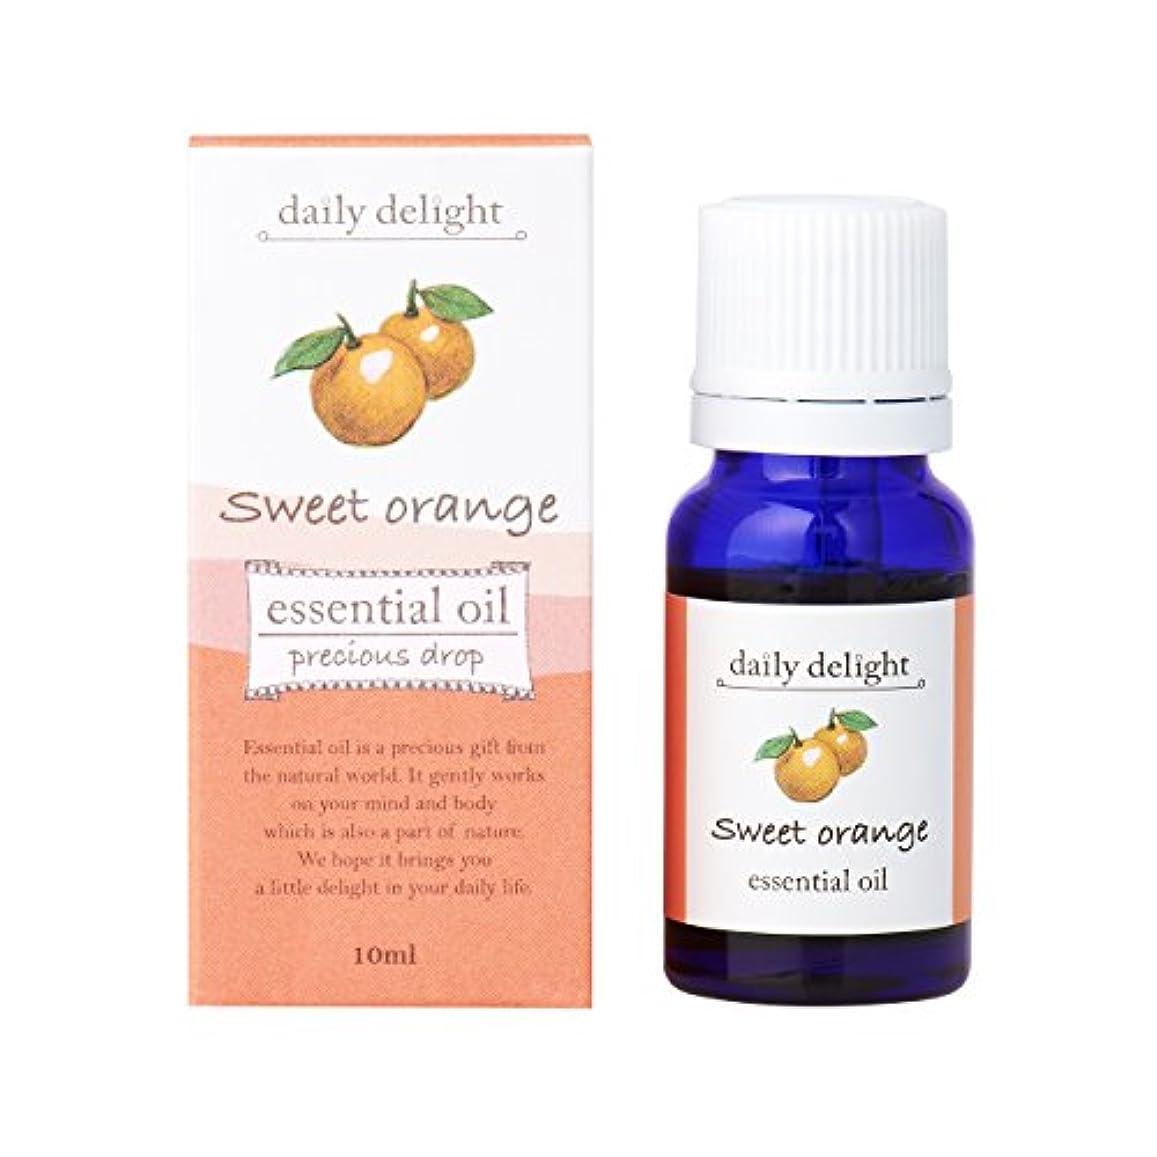 額開発する永遠のデイリーディライト エッセンシャルオイル  スイートオレンジ 10ml(天然100% 精油 アロマ 柑橘系 フルーティで甘く爽やかな香り)